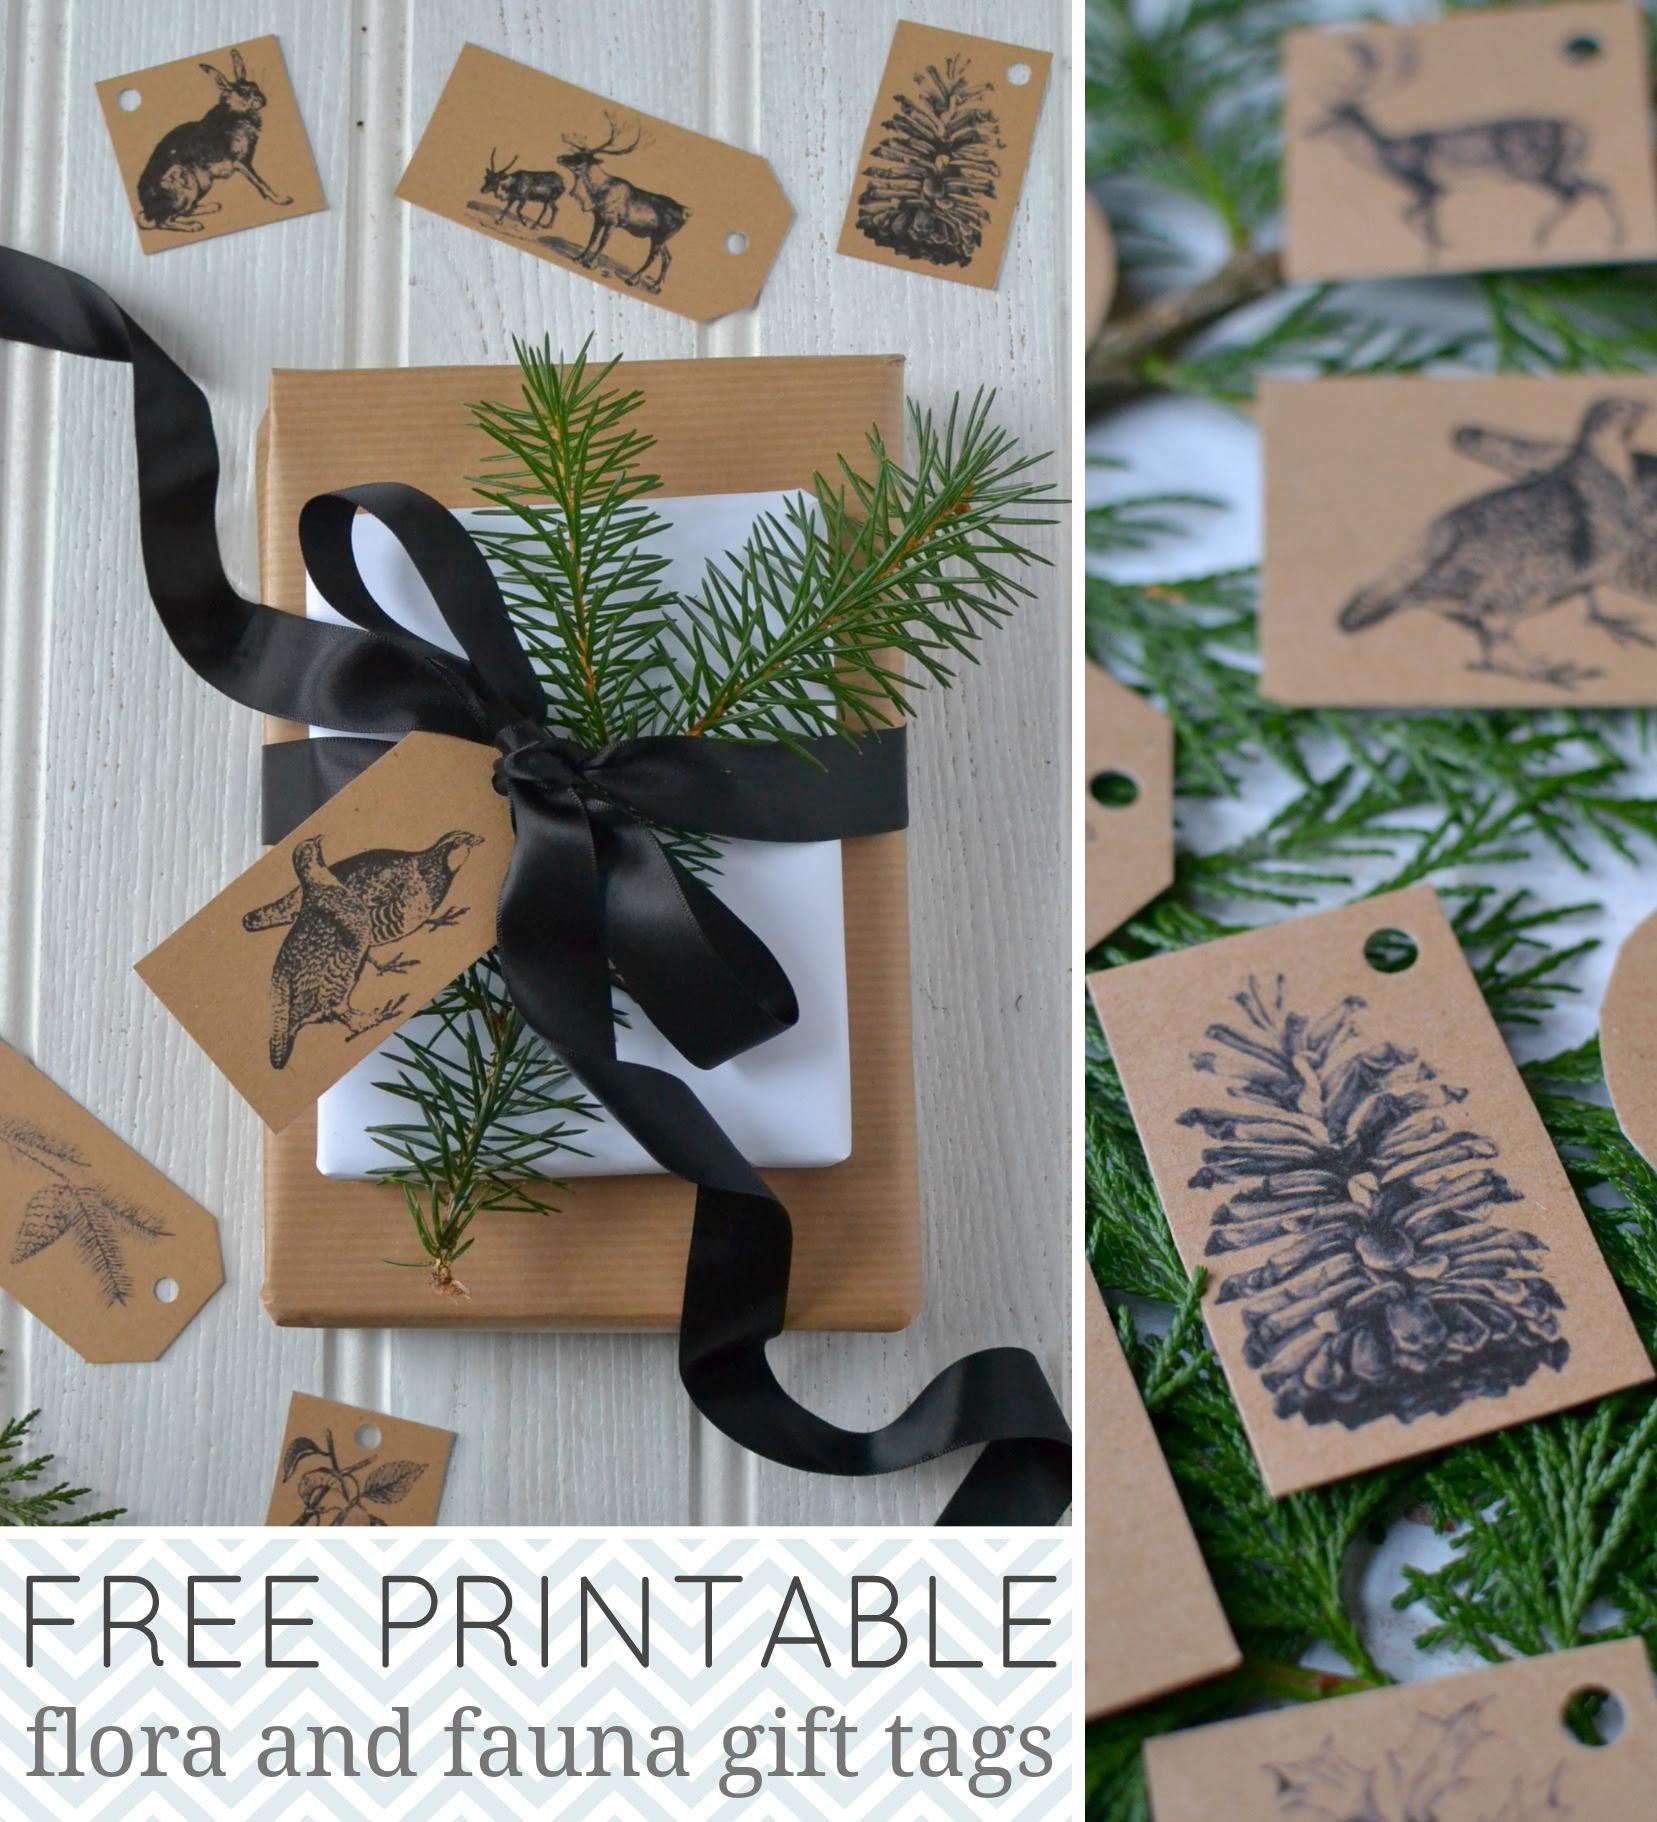 free printable gift tag